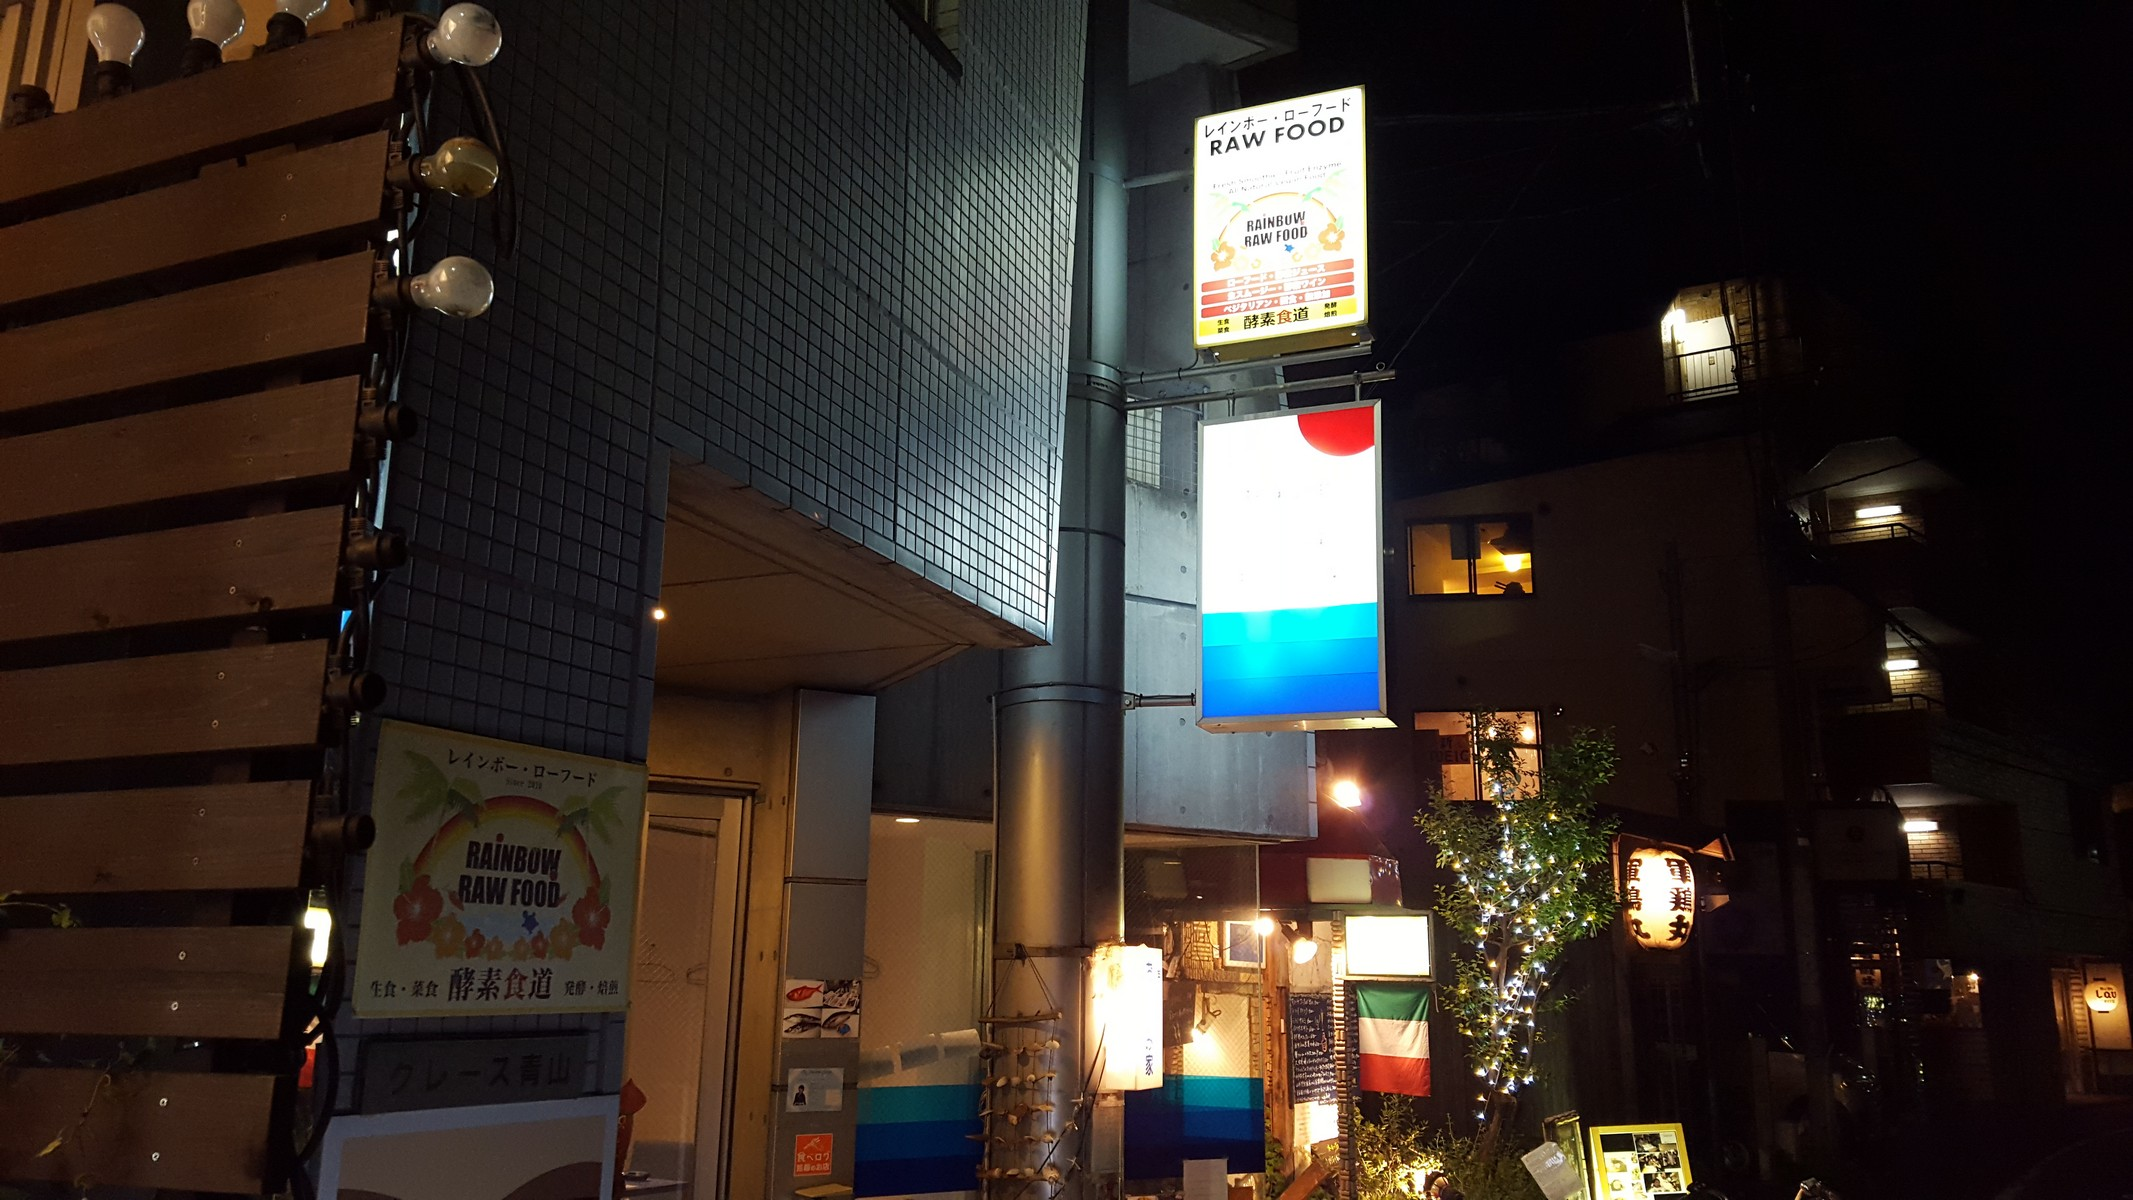 店舗外観【レインボー・ローフード/恵比寿】